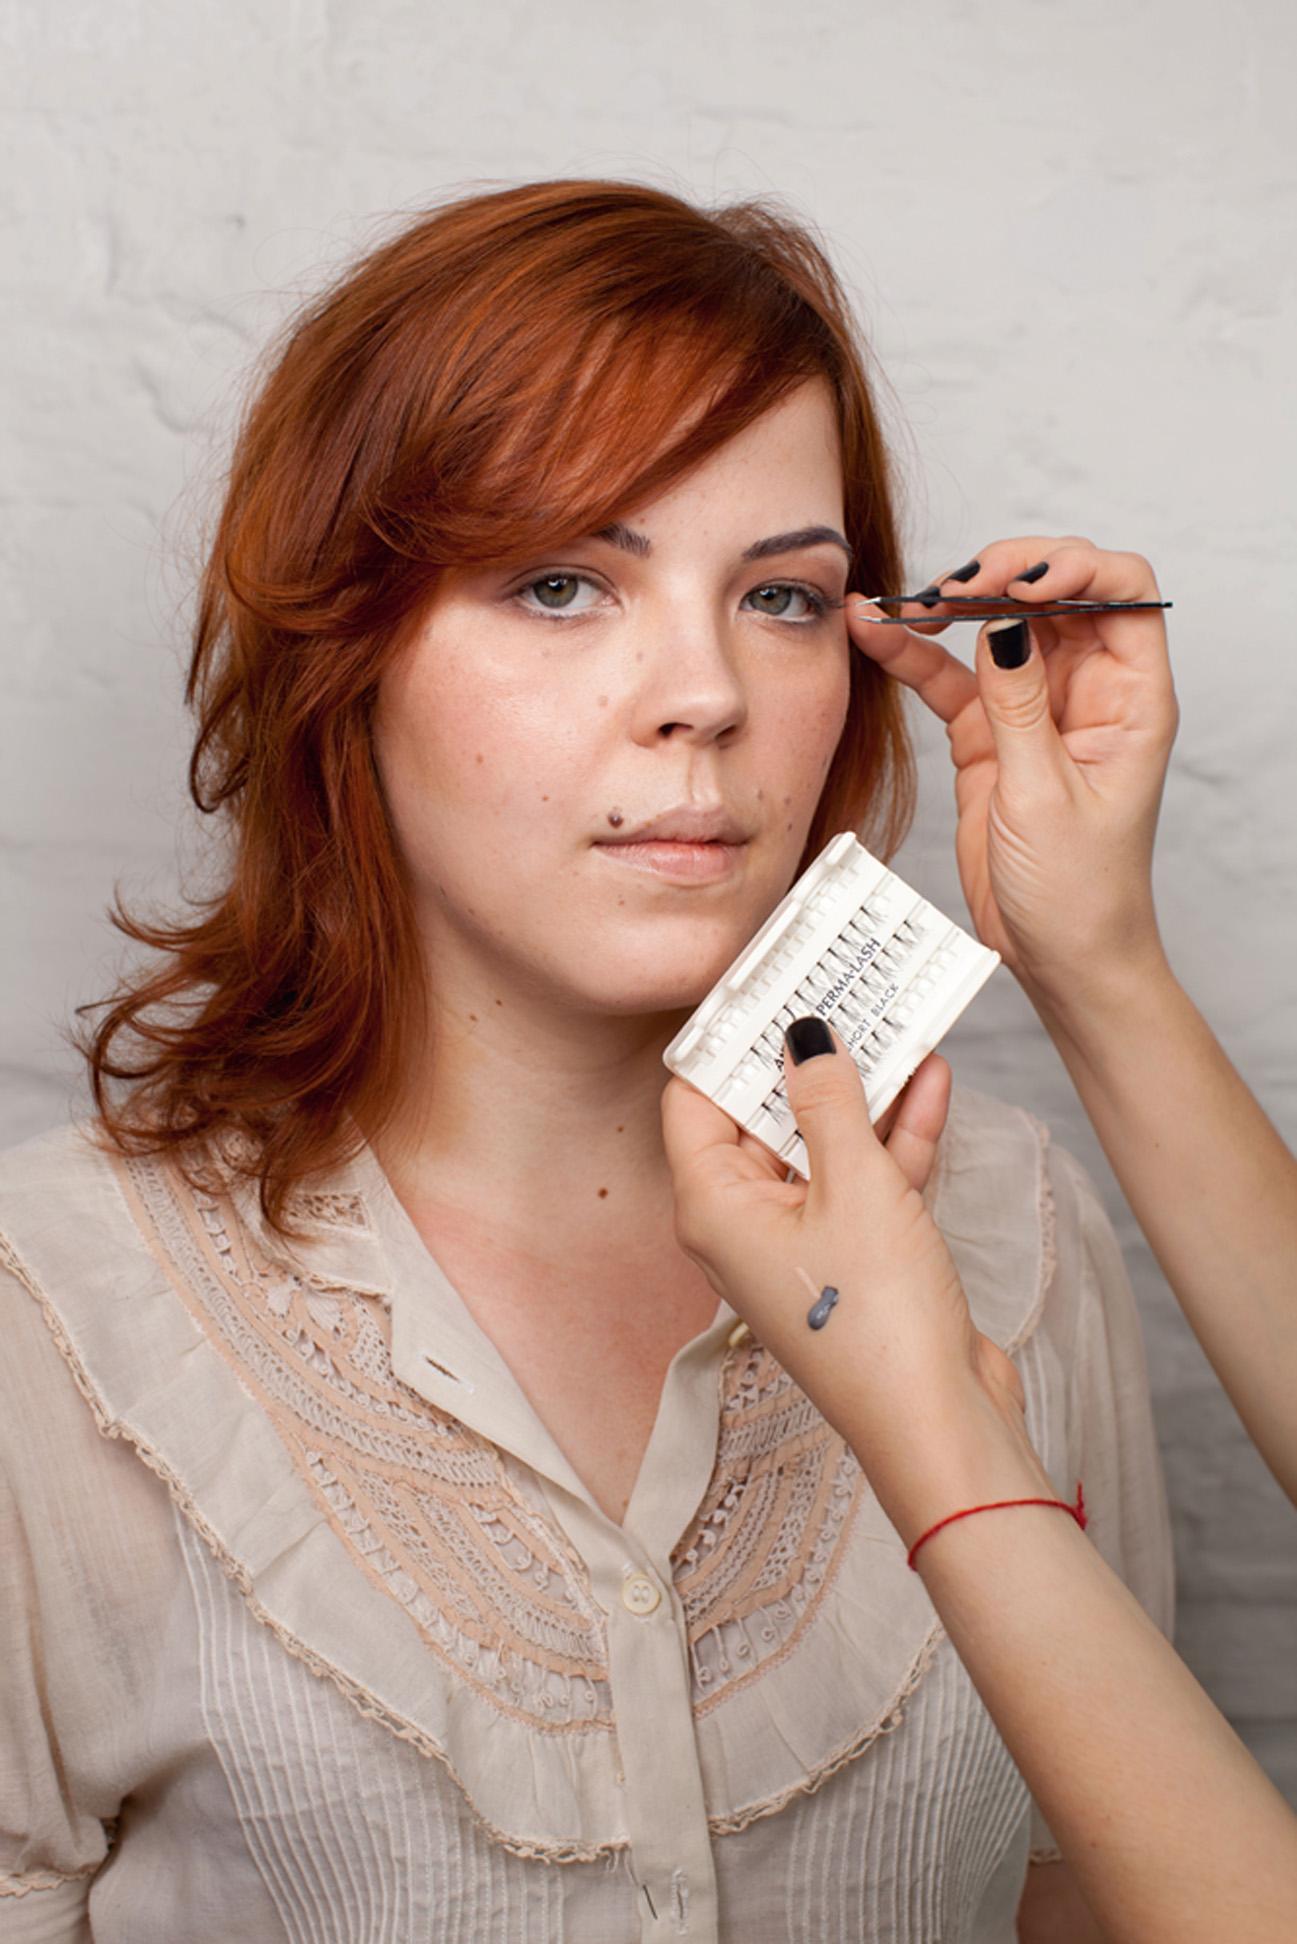 Passo #4. Use o curvex e, em seguida, aplique os cílios postiços em tufos somente no canto externo dos olhos. Finalize com rímel.